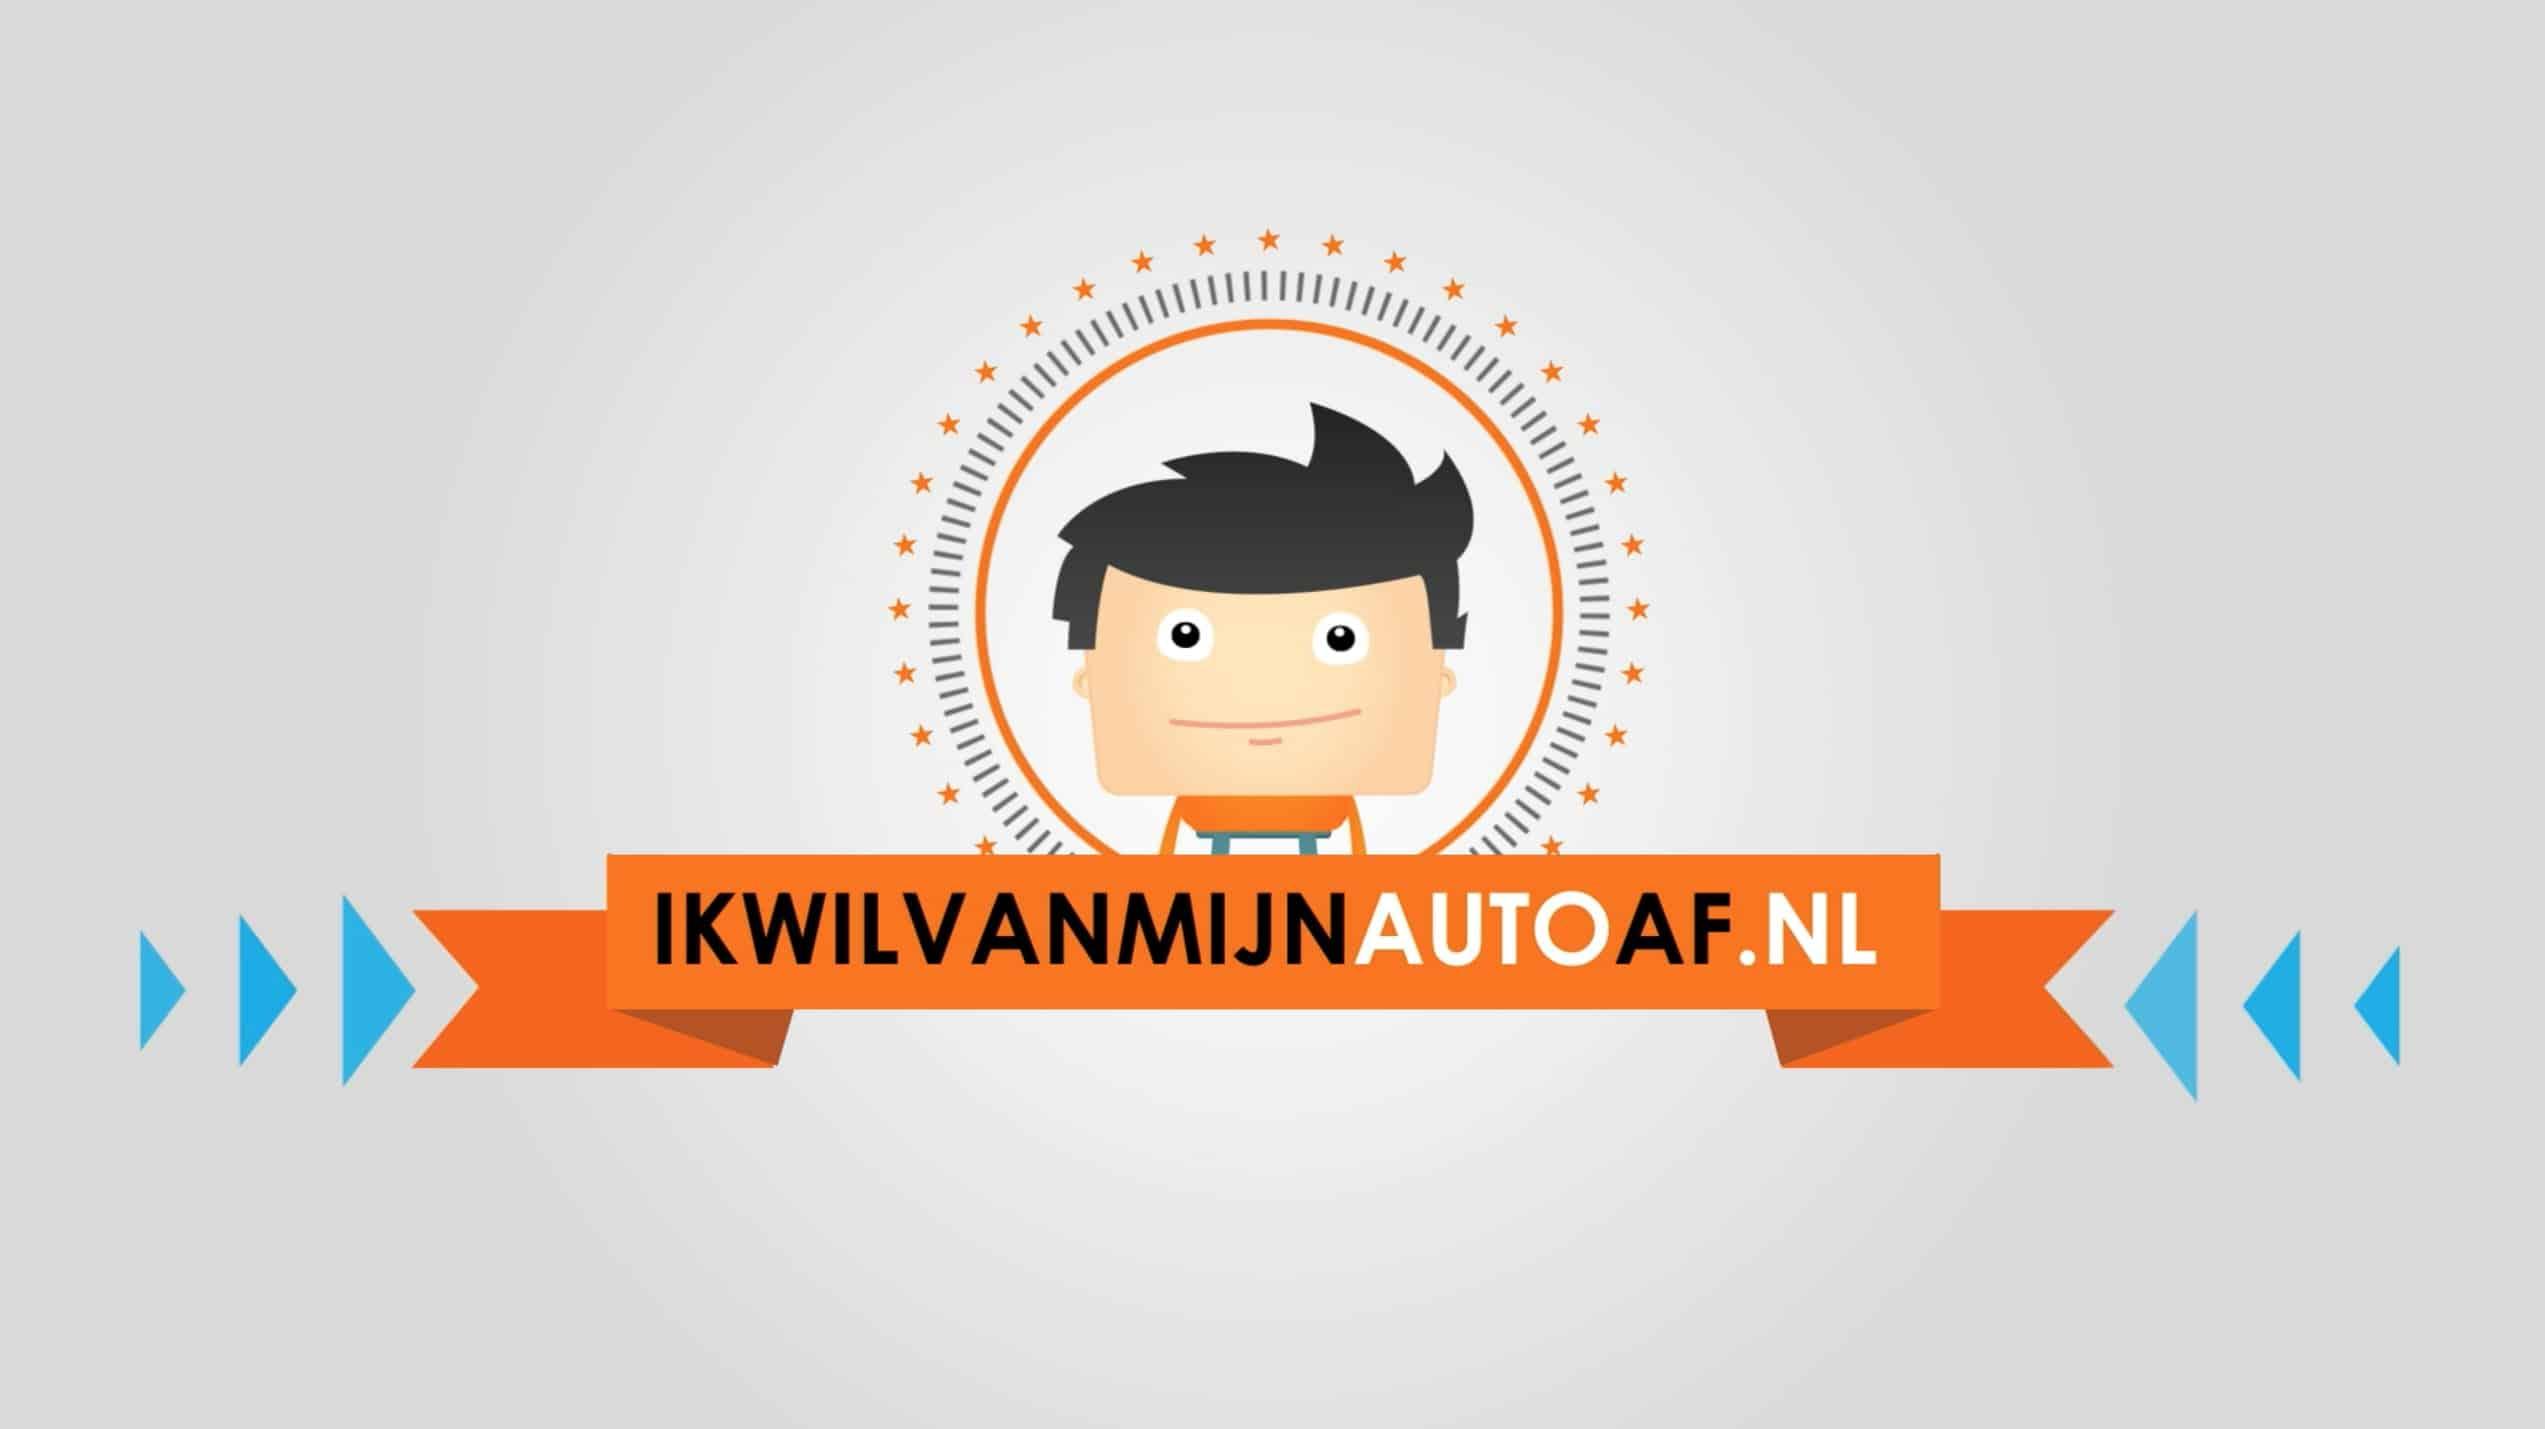 Je autoverkopen binnen 1 dag! Ikwilvanmijnautoaf.nl helpt je gratis met de verkoop. Binnen 24.00 h een goed bod